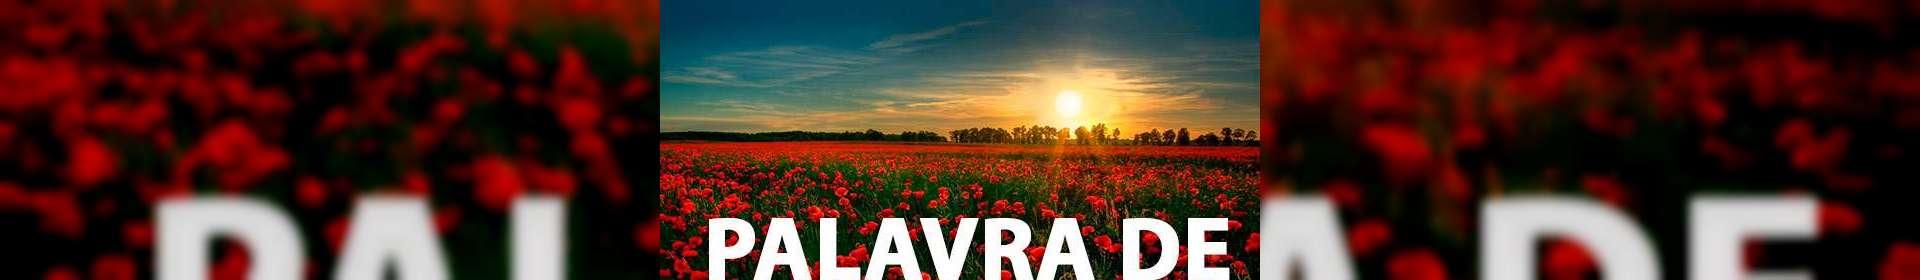 Salmos 84:1 - Uma Palavra de Esperança para sua vida